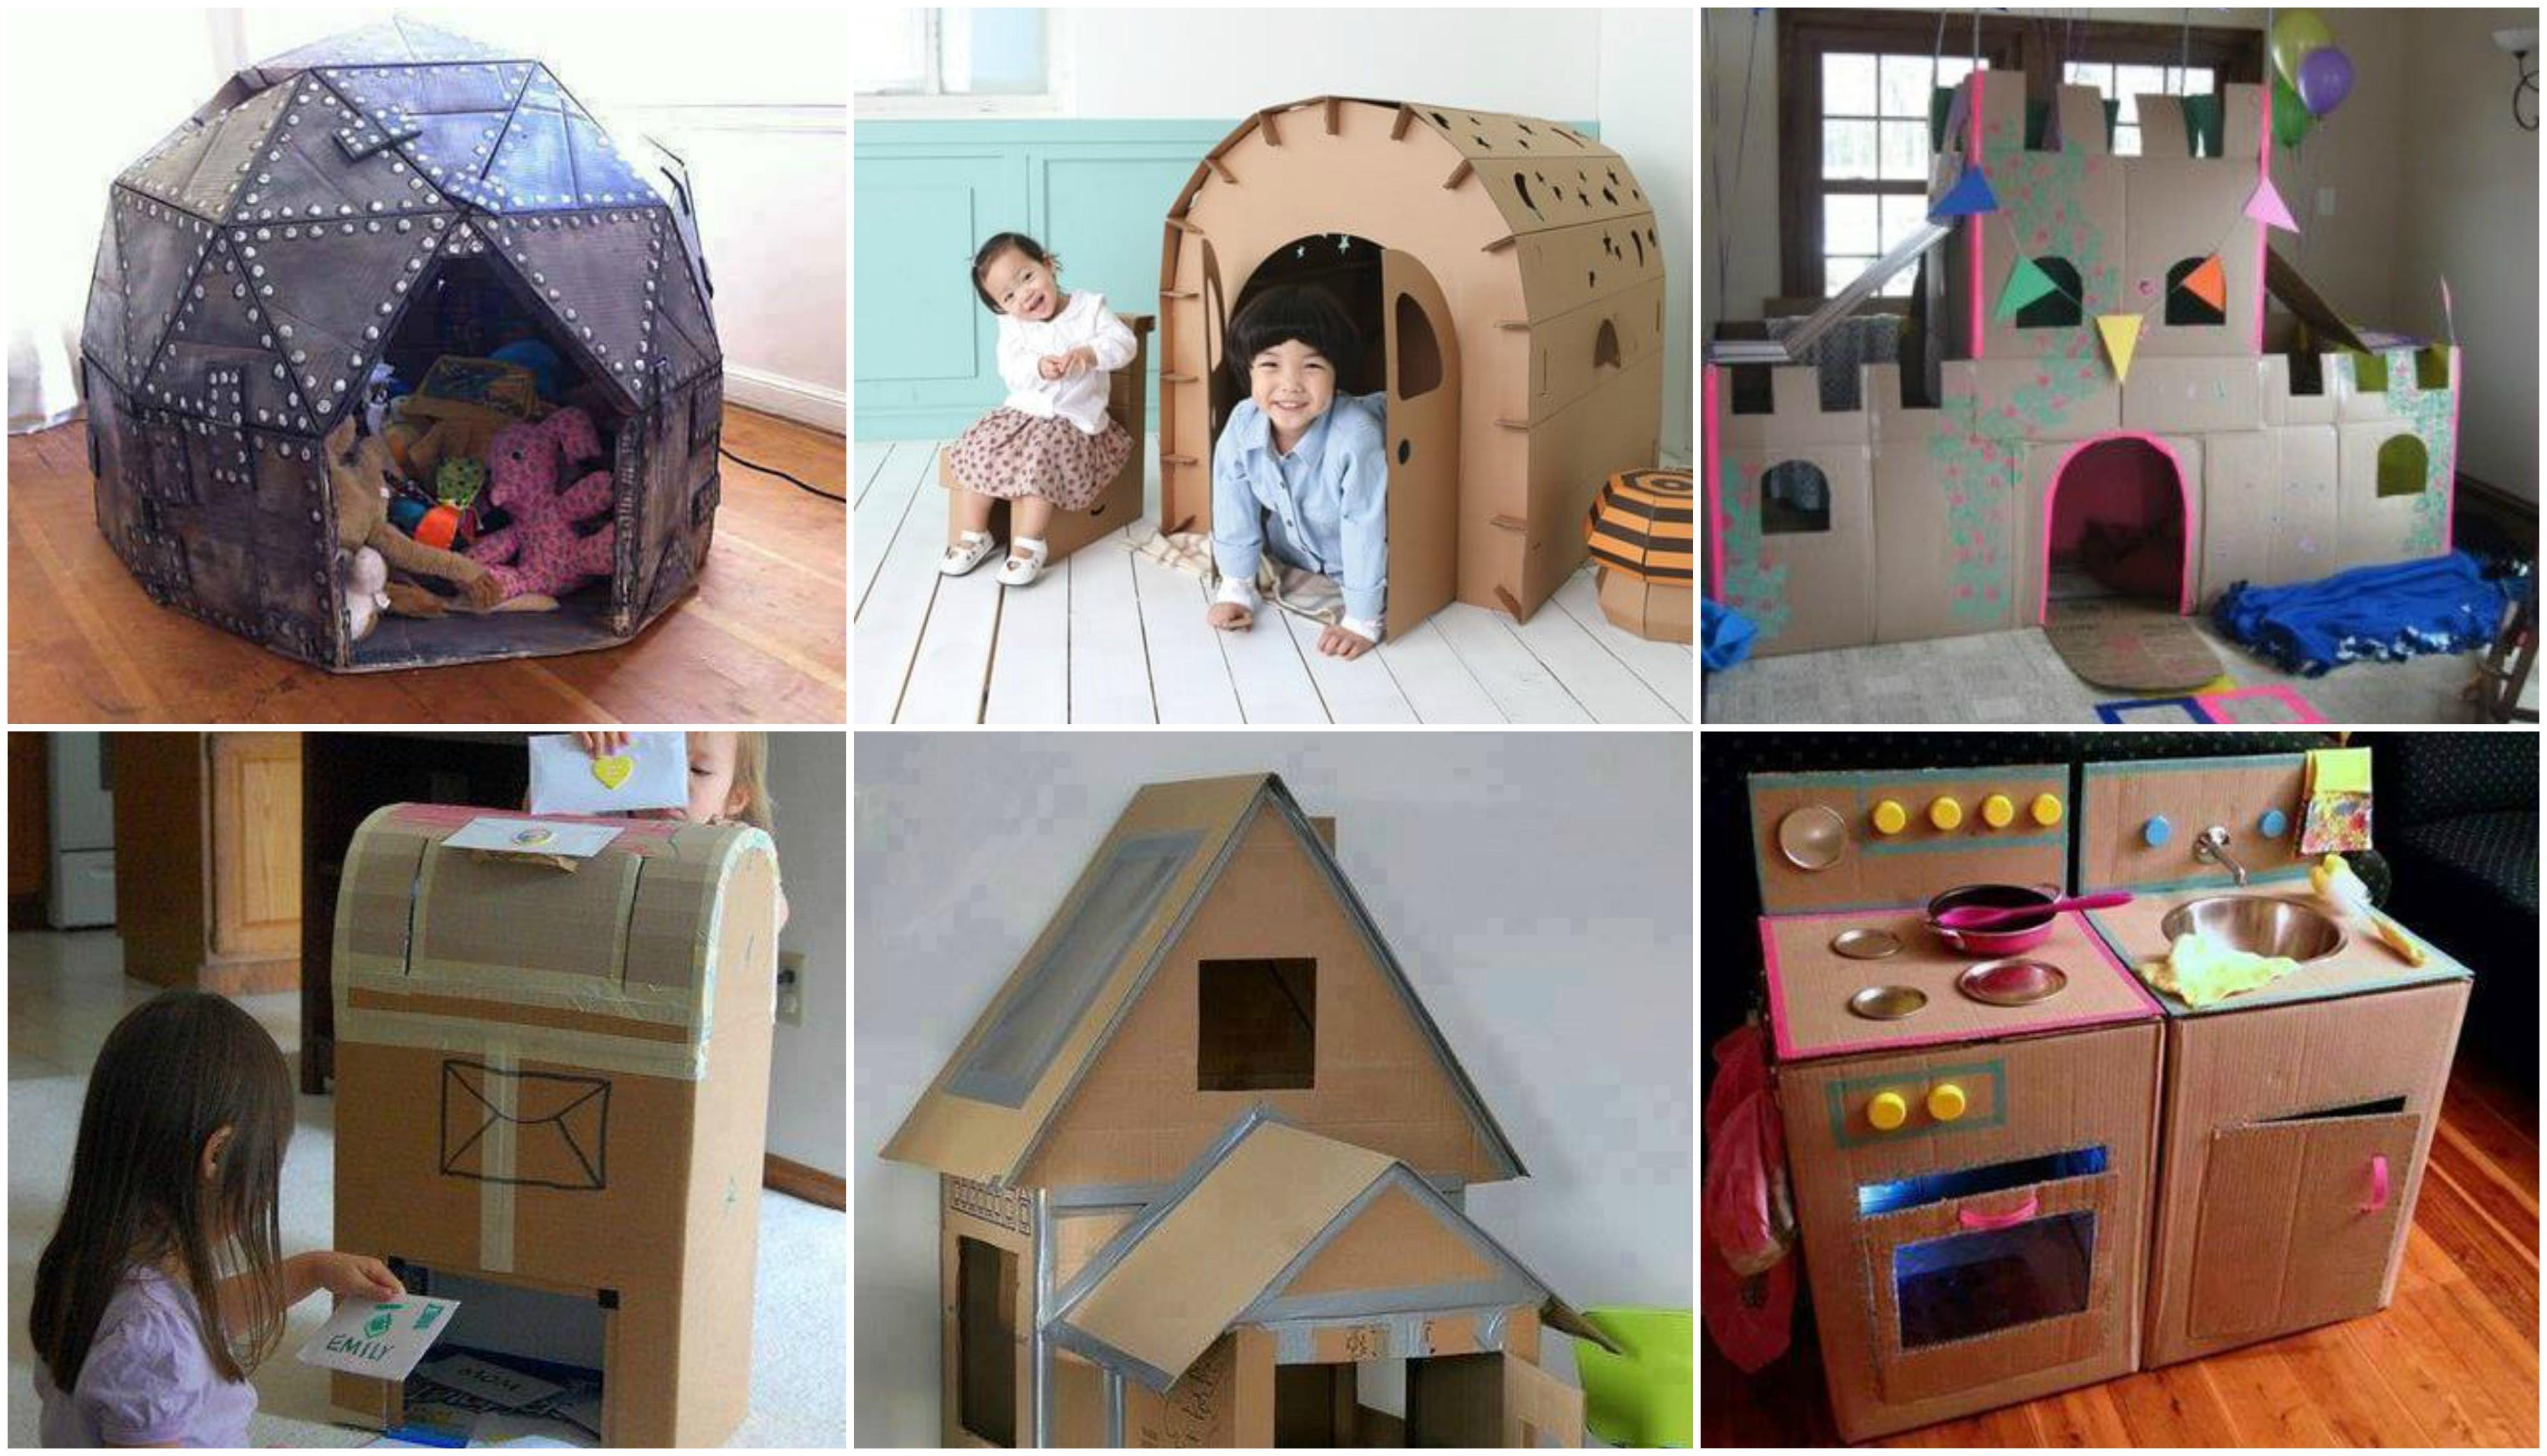 spielmöbel aus karton für kinder selber bauen